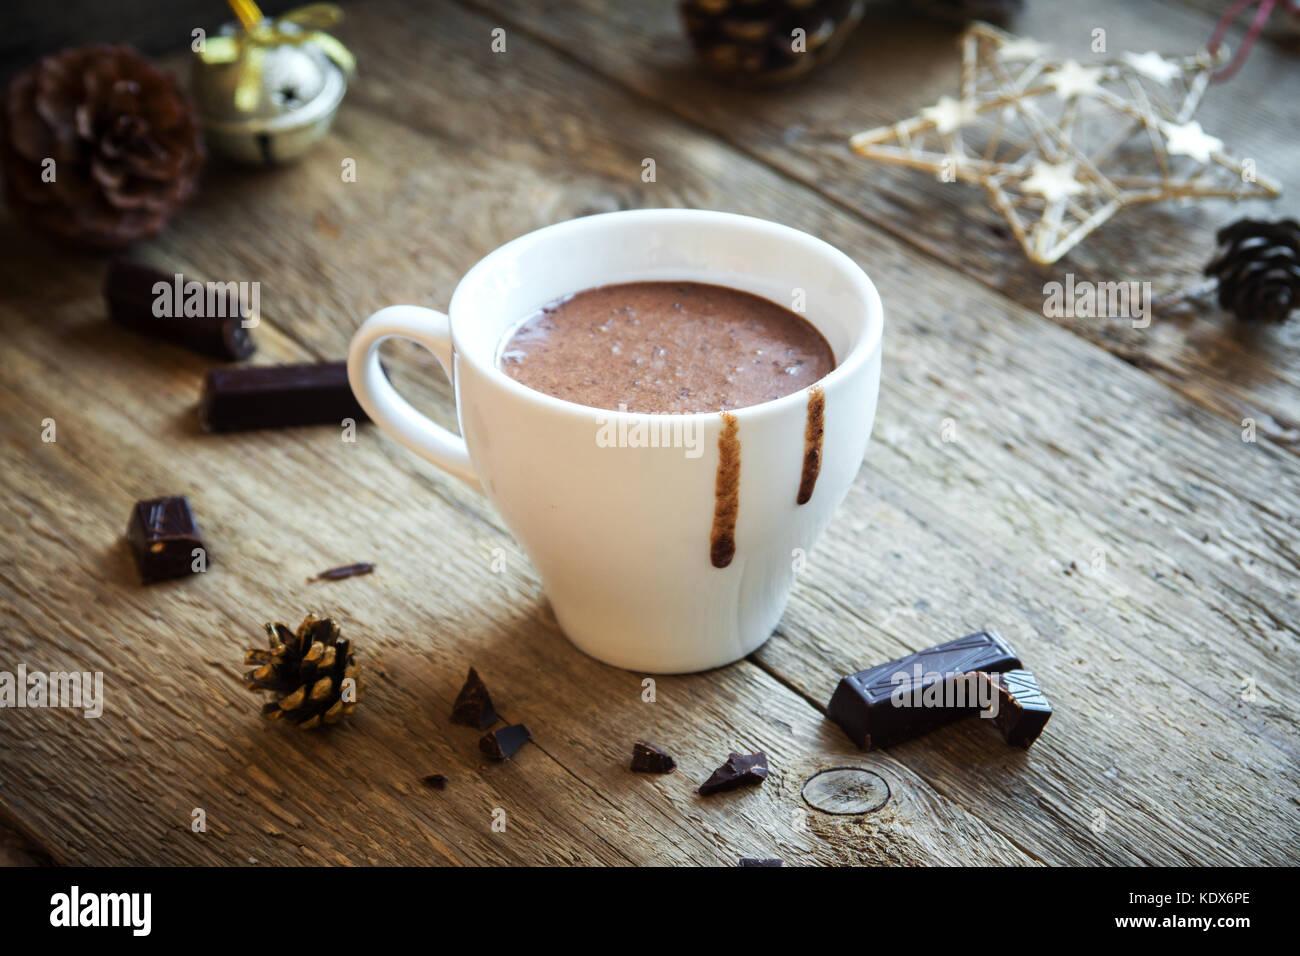 Heiße Schokolade und schokolade Stücke über rustikal Hintergrund. hausgemachte heiße Schokolade Stockbild